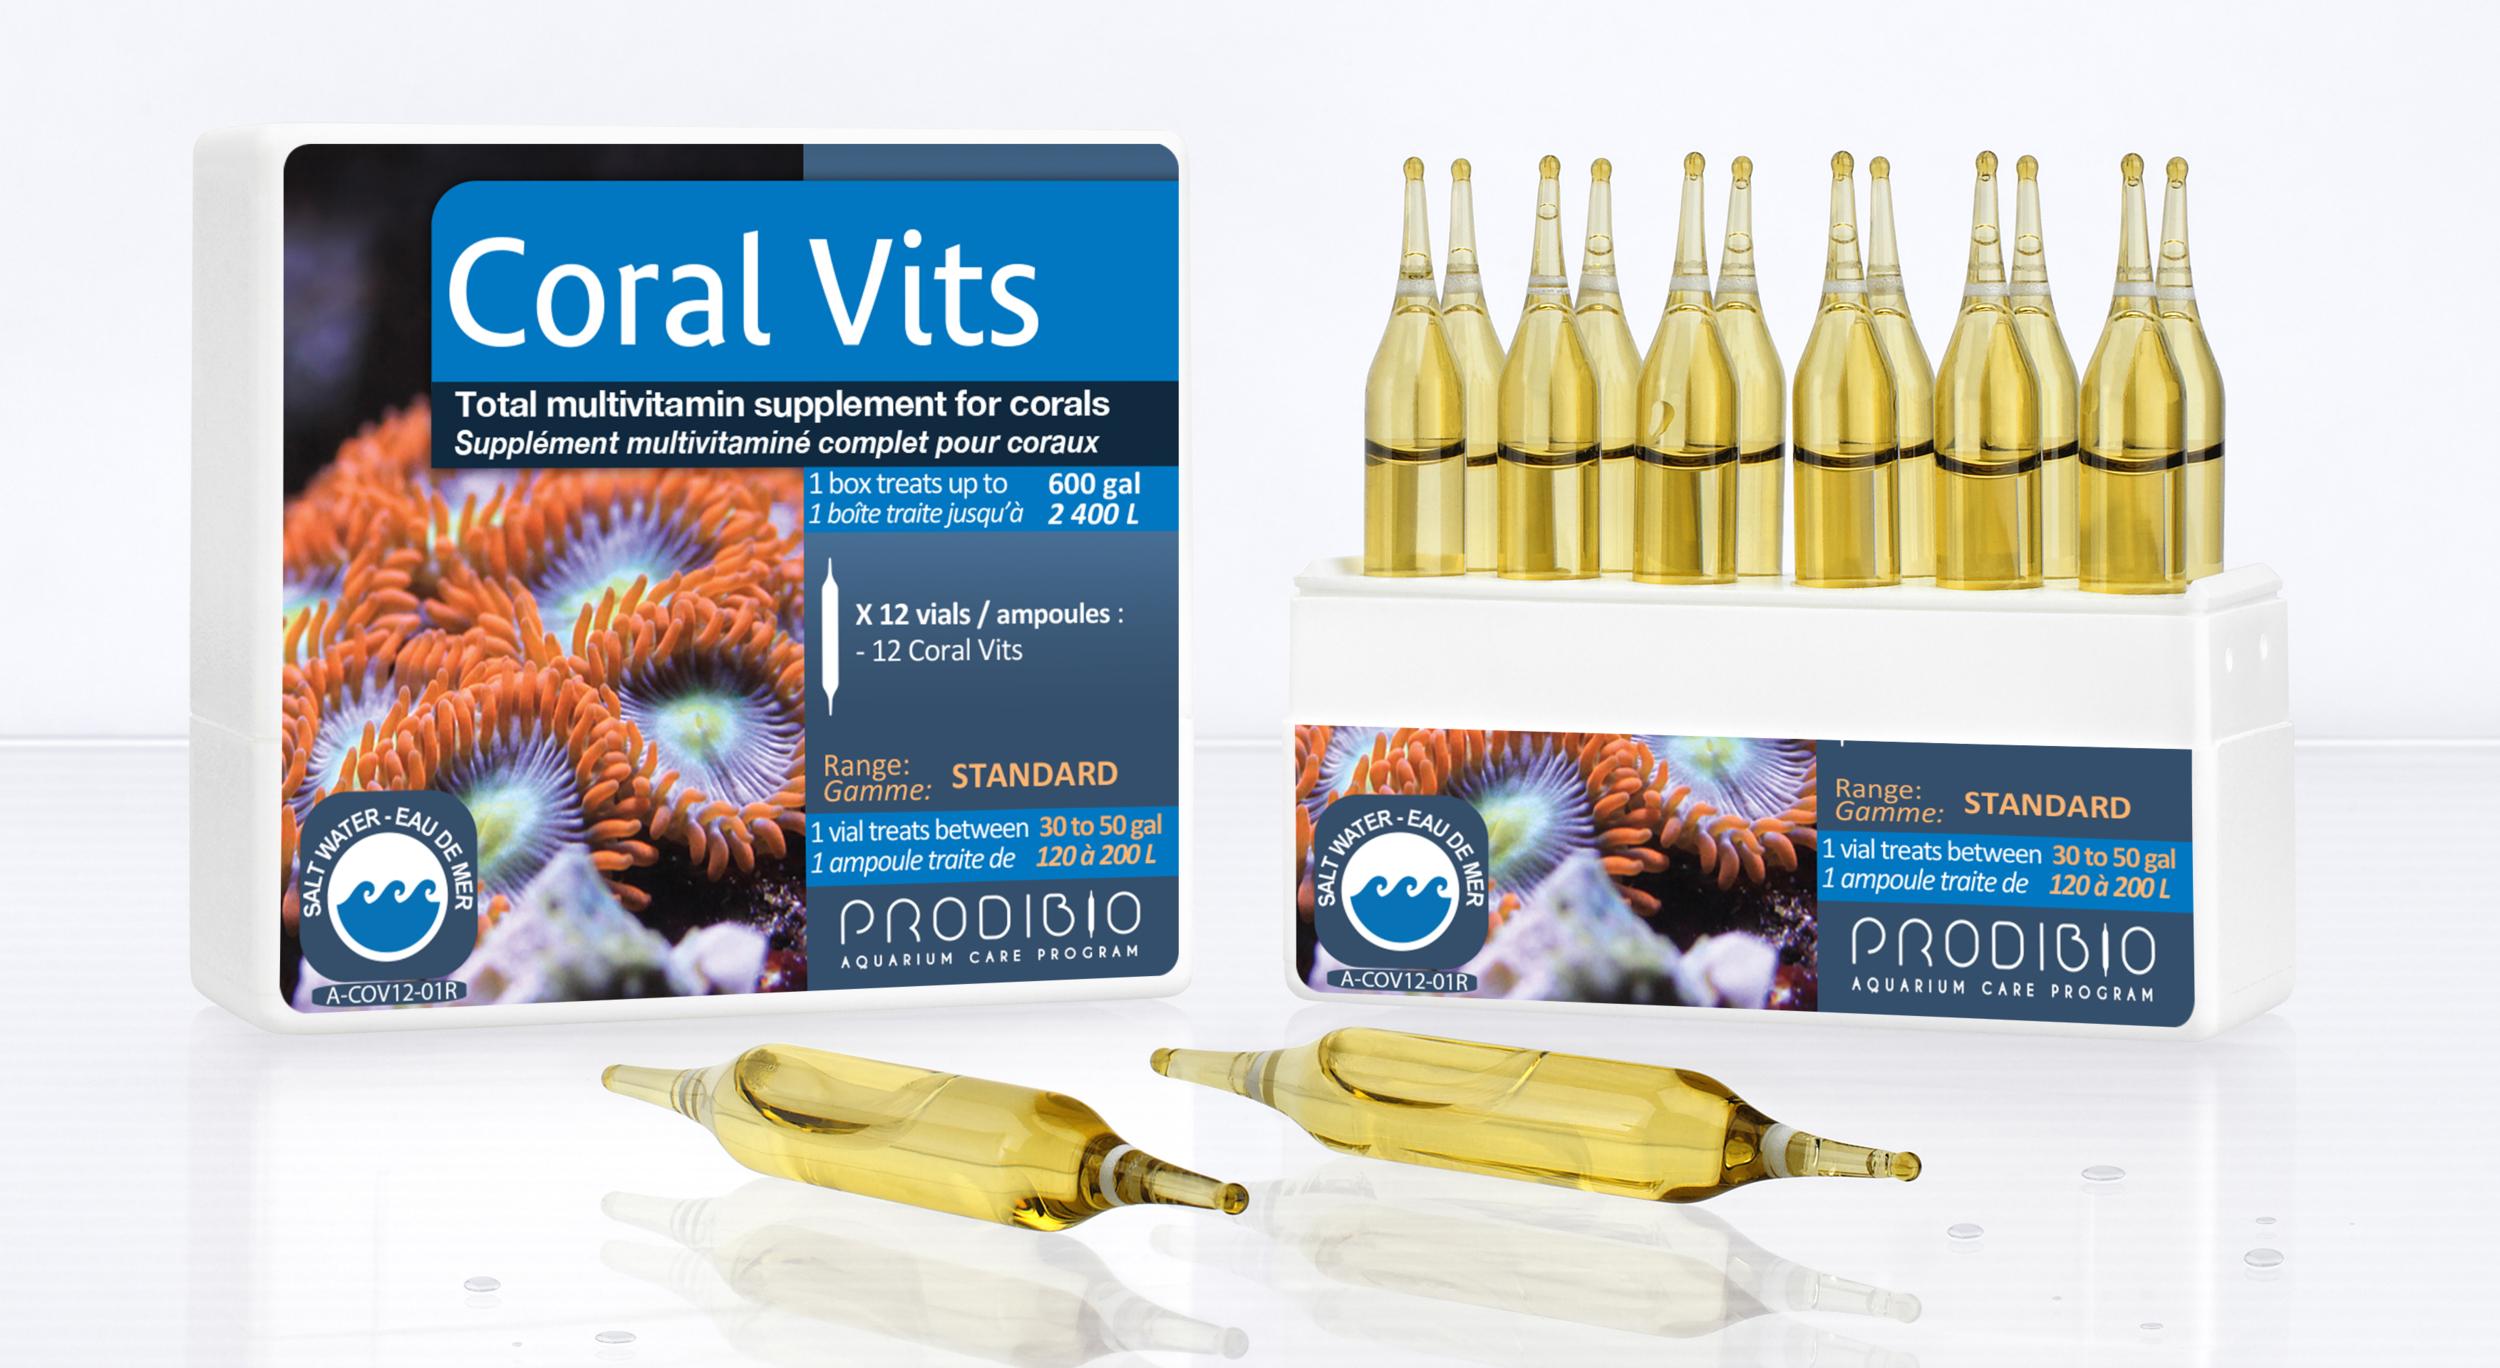 PRODIBIO Coral Vits 30 ampoules concentré de vitamines pour la croissance des coraux